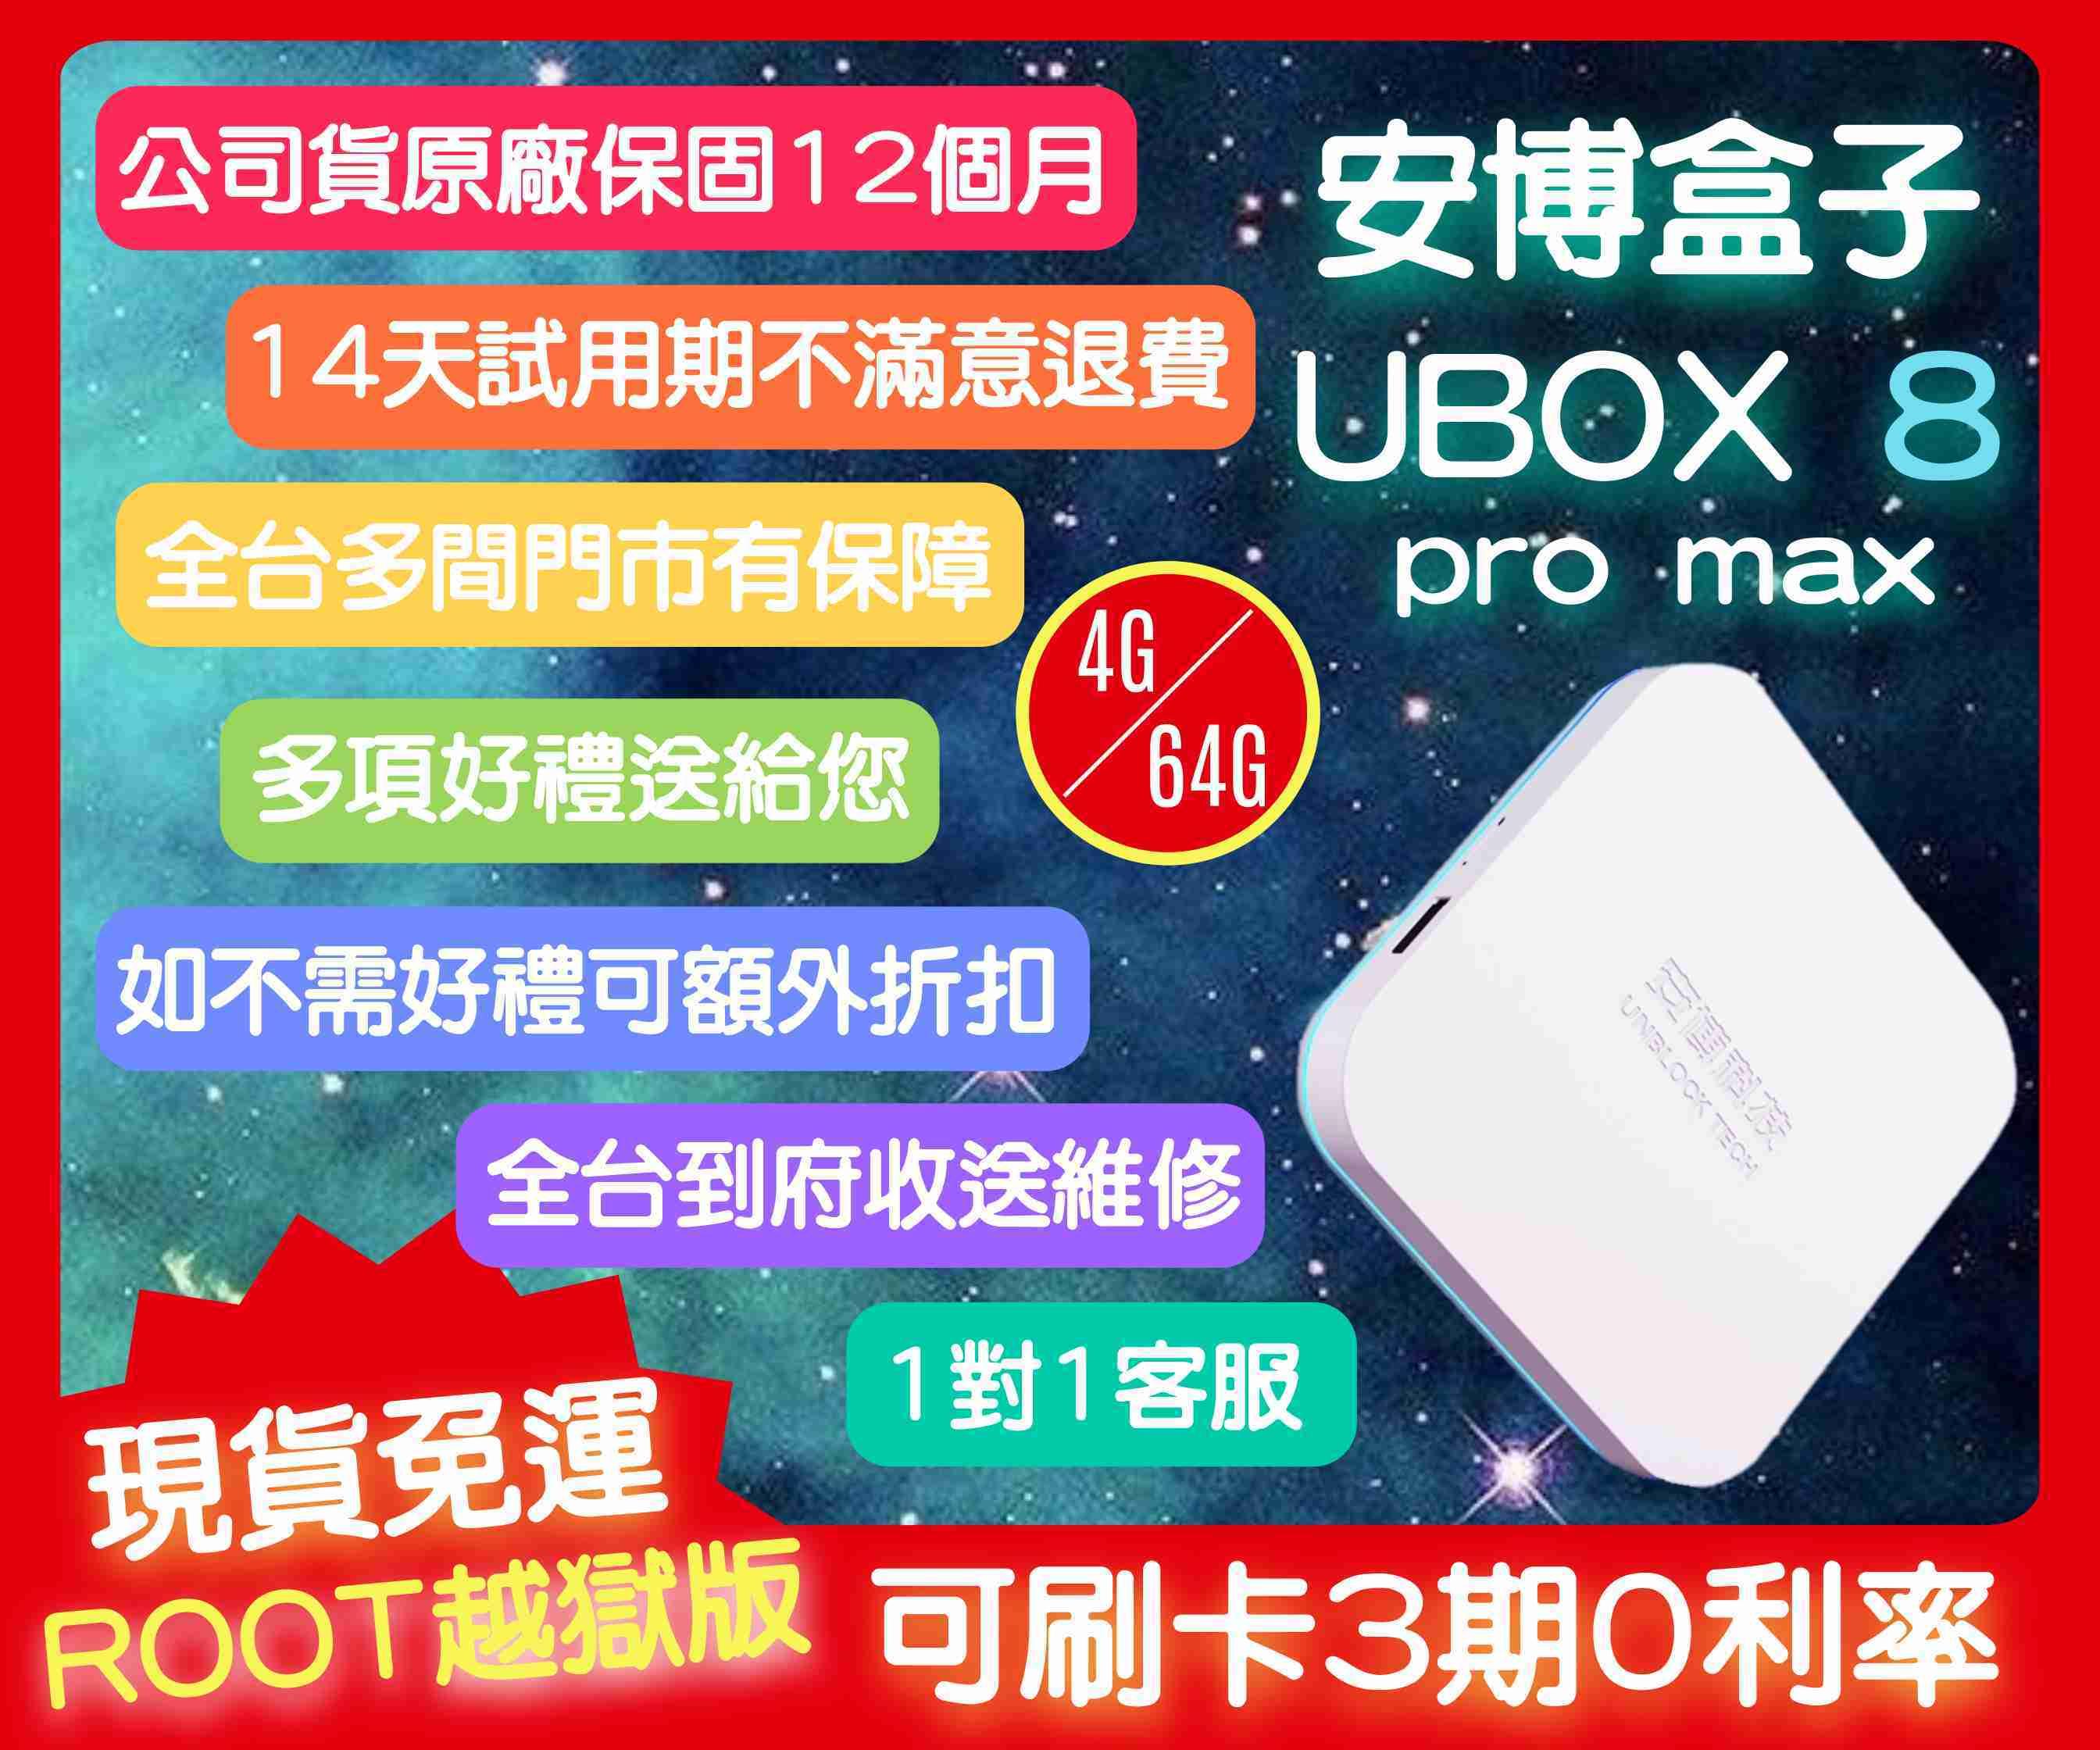 安博 盒子 pro 海外 版